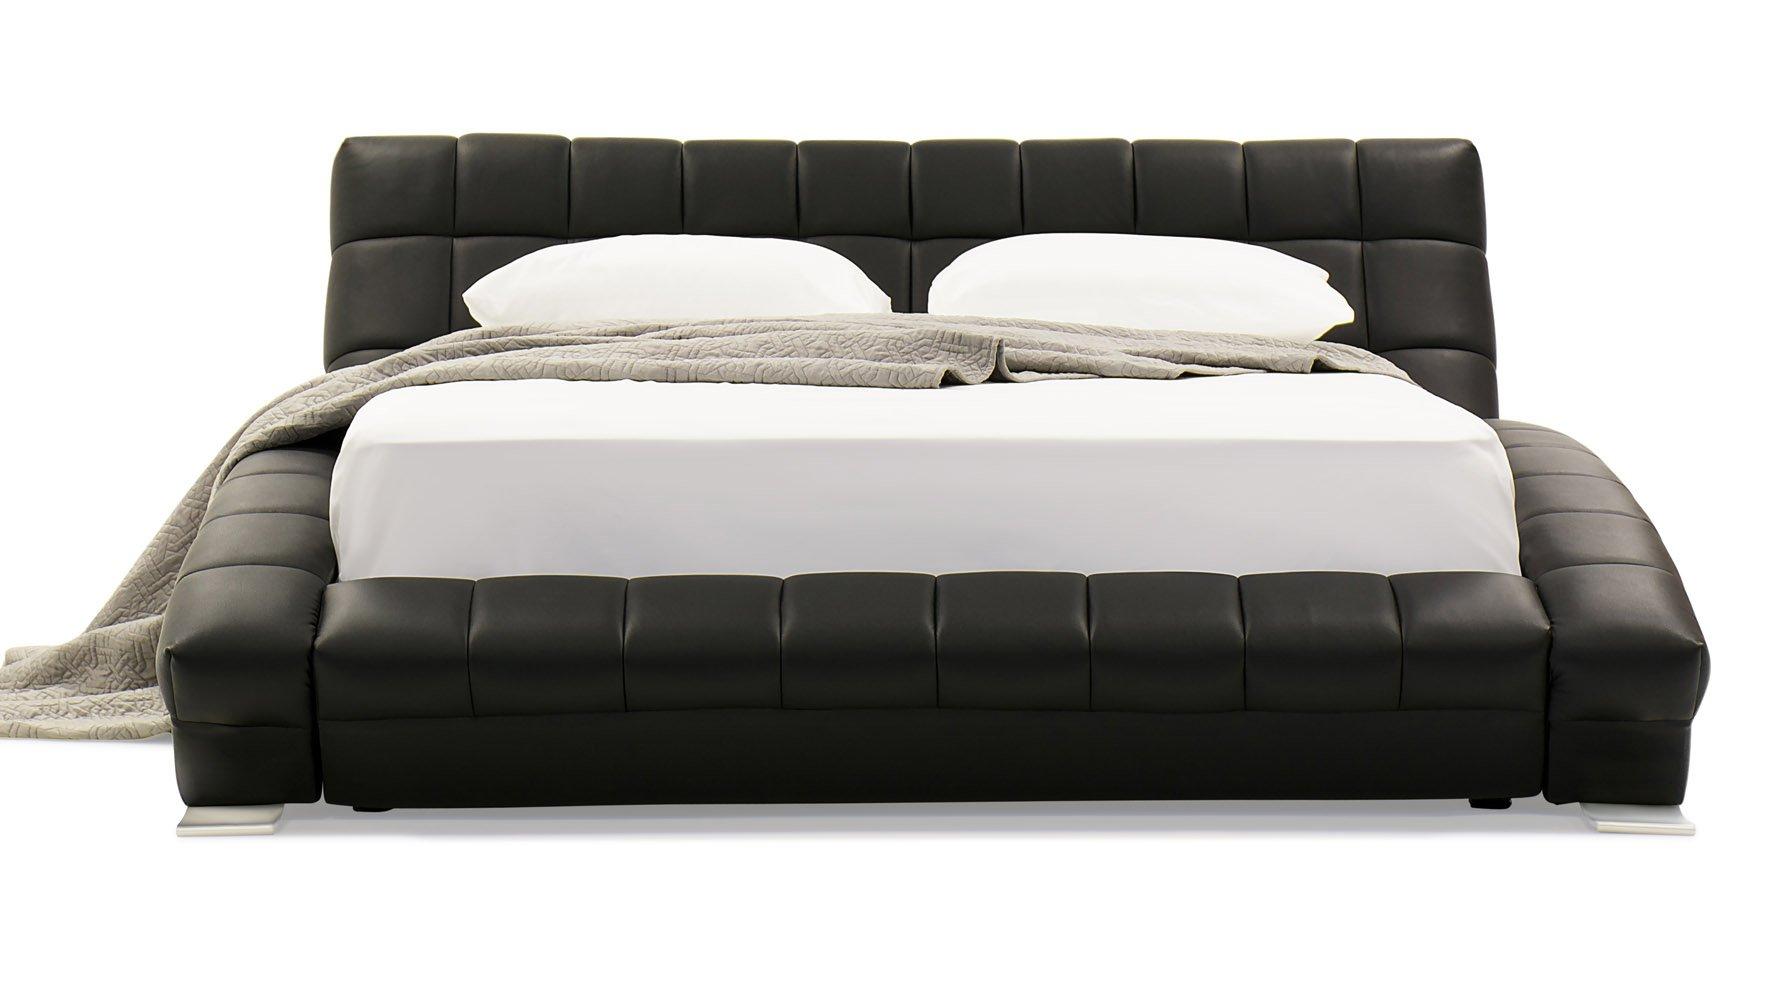 Adonis Black Tufted Leather Platform Bed Zuri Furniture